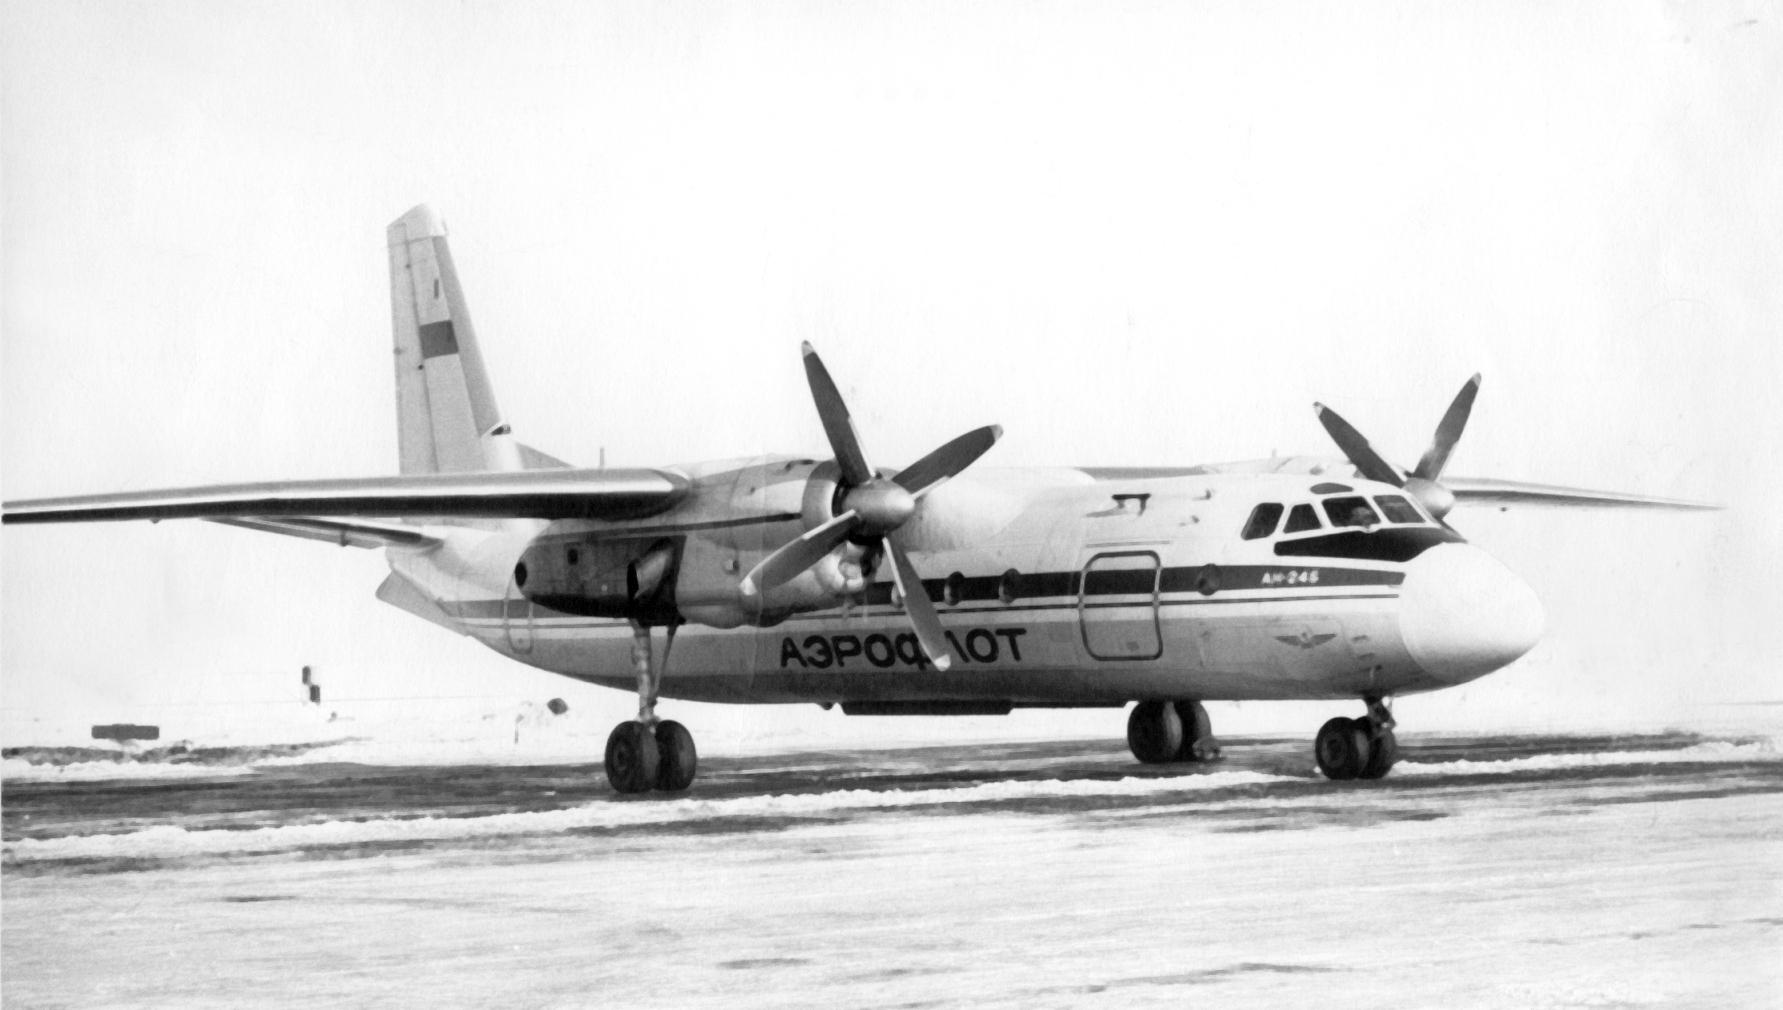 7 место. Катастрофа под Черниговом. В том же 1974 году, но в мае месяце, под Черниговом также разбился самолет Ан-24. В катастрофе погибли 52 человека, находившихся на борту. Причину аварии установить так и не удалось. Судя по показаниям «черного ящика», после отключения автопилота штурвал самолета неожиданно резко наклонился вправо. Машина впала в штопор, из которой ее не удалось вывести пилотам.